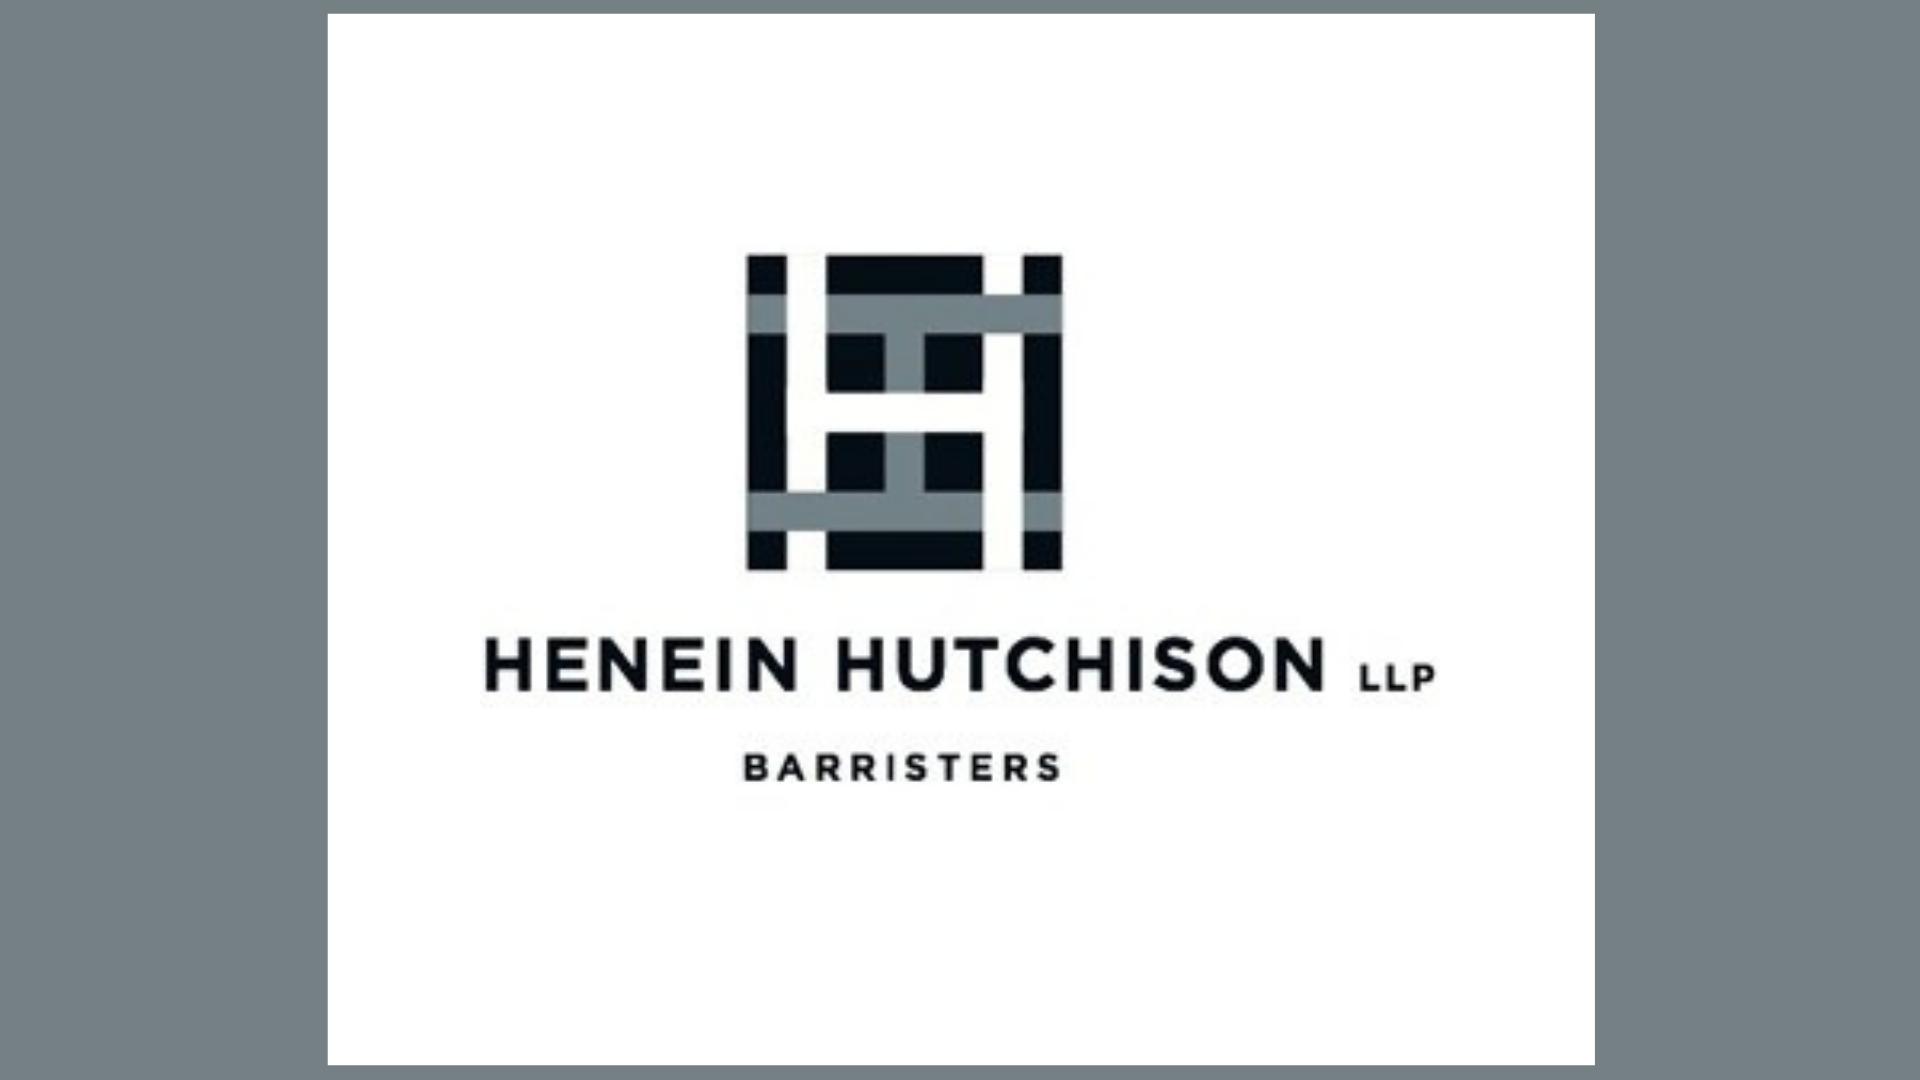 Henein Hutchison